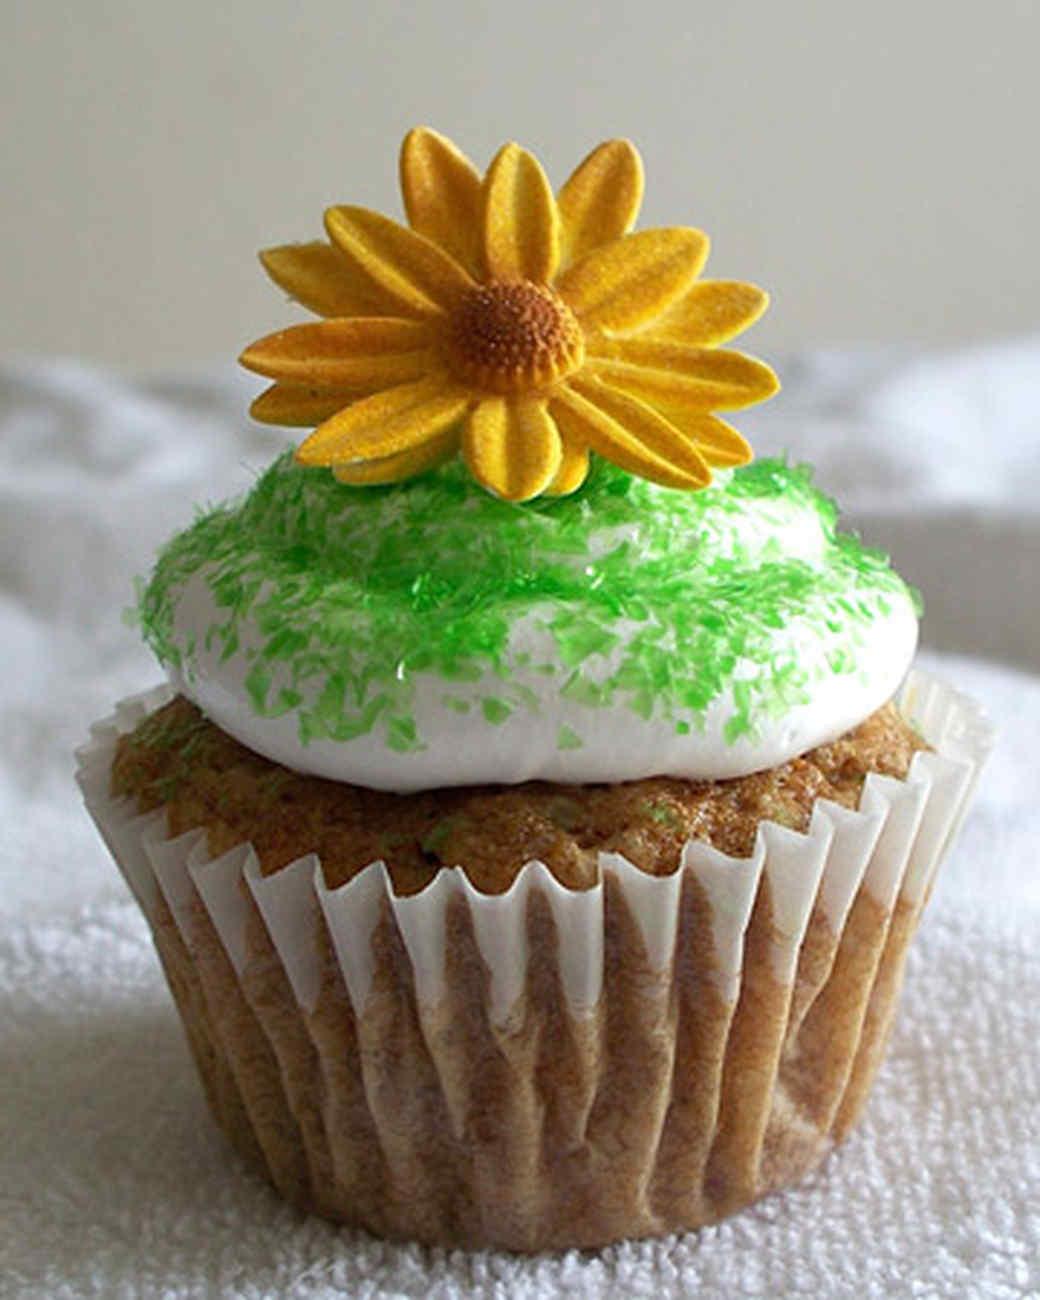 ori00021755_cupcakes.jpg